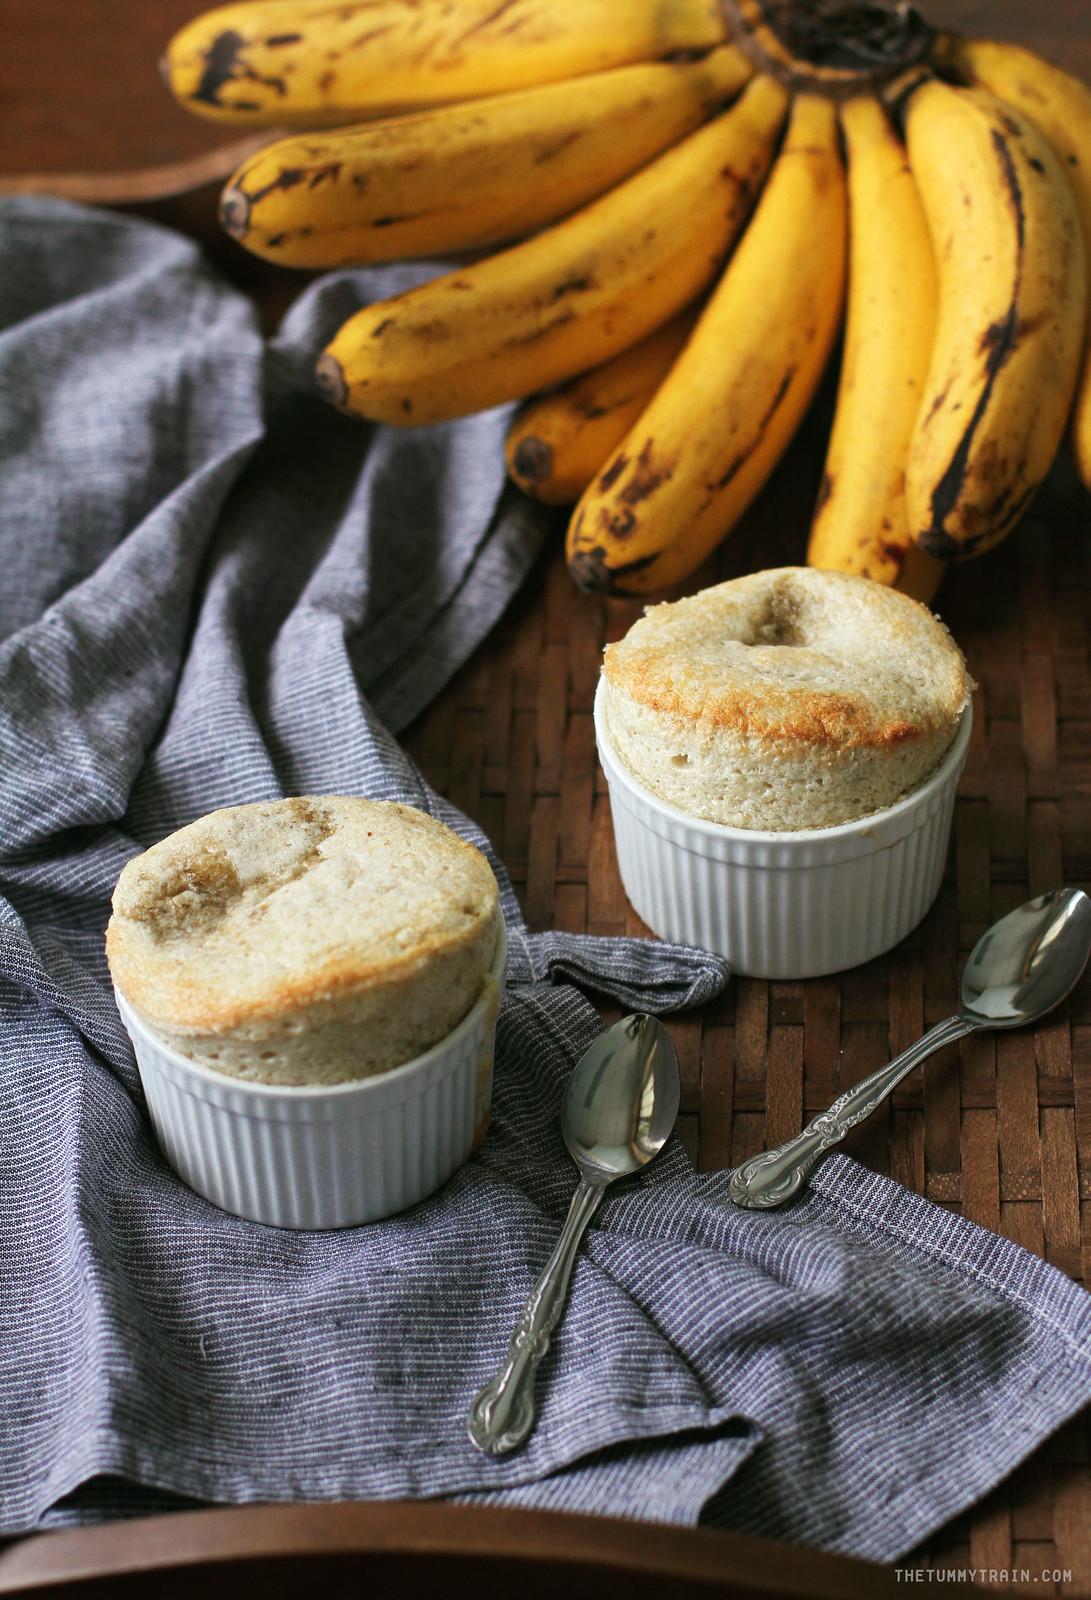 36350630915 b96c6d37a8 h - Have bananas? Make David Lebovitz's Banana Souffle!